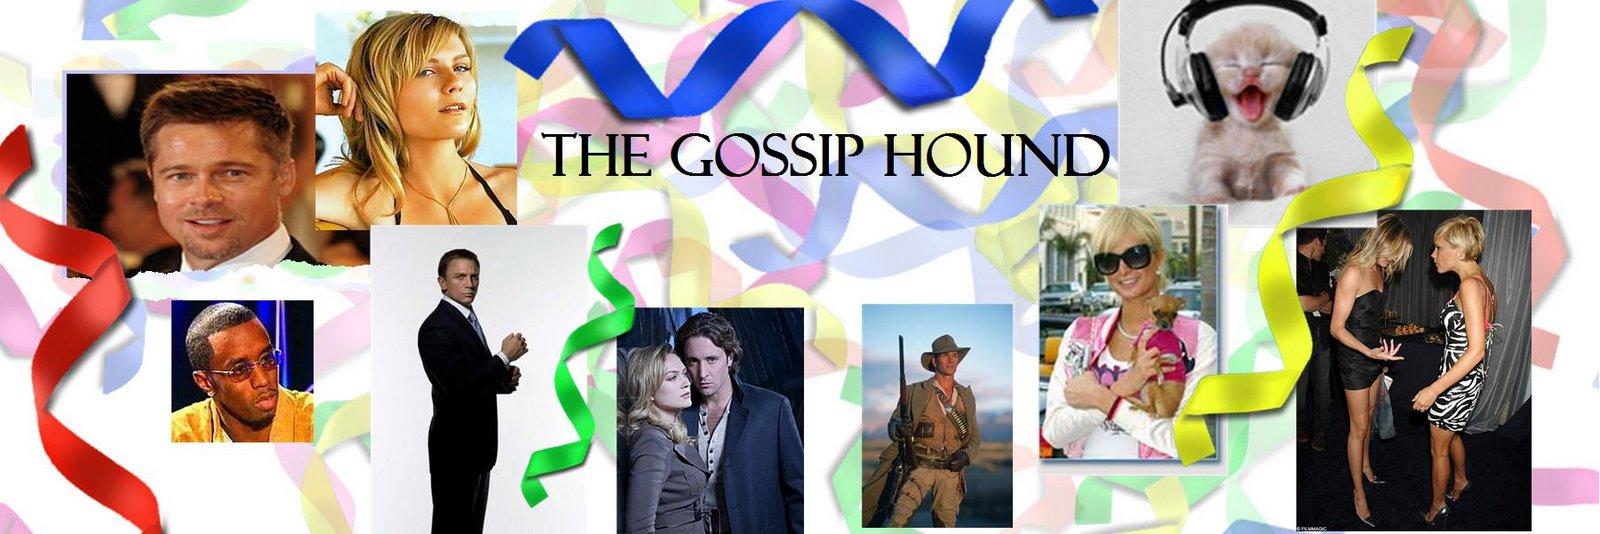 The Gossip Hound